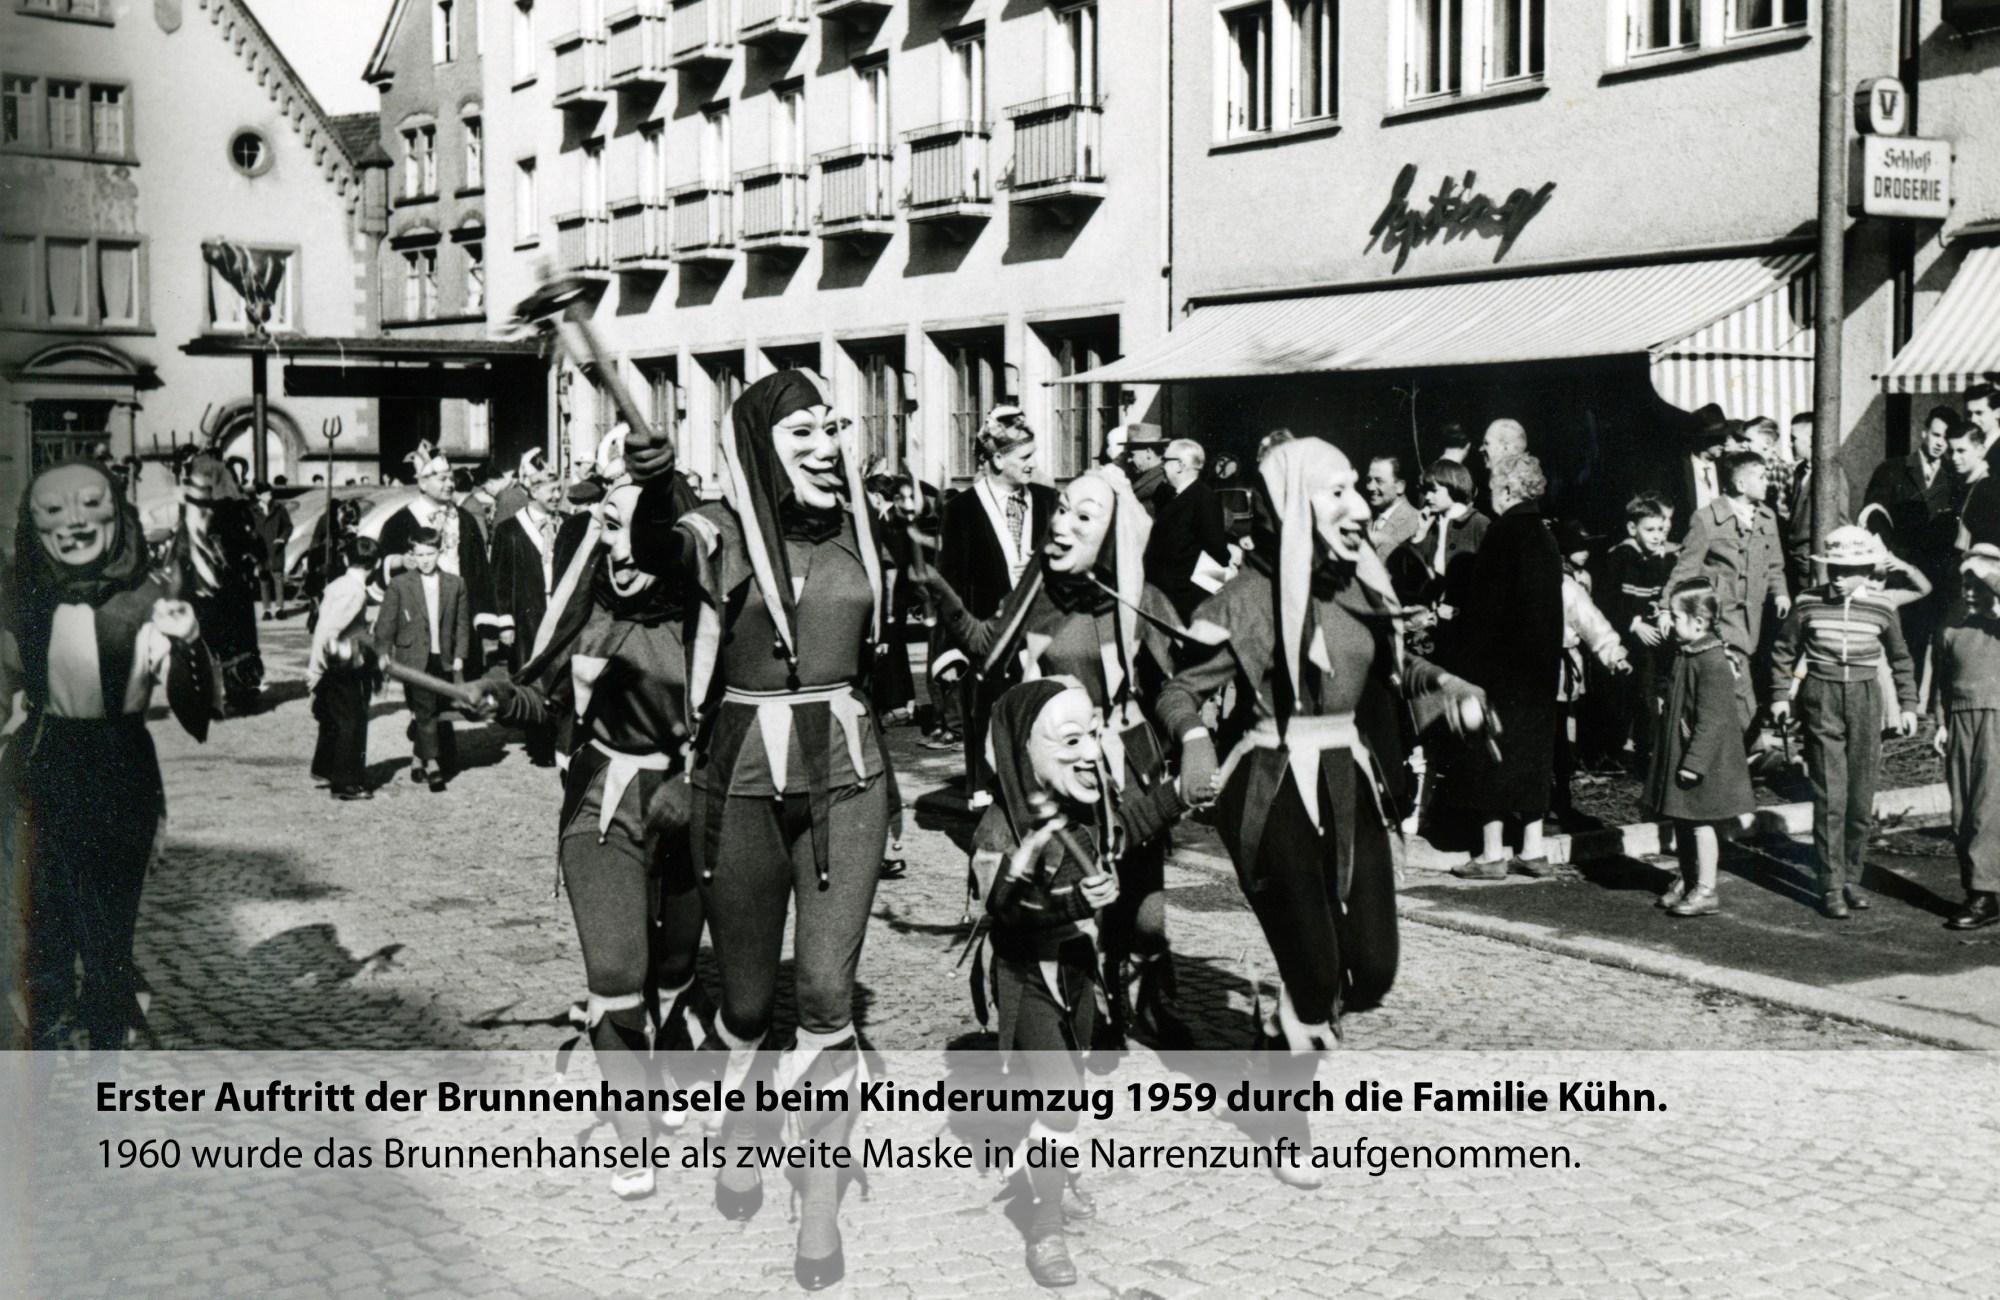 Die erste Brunnenhansele werden heir von der Familie Kühn 1959 vorgestellt.